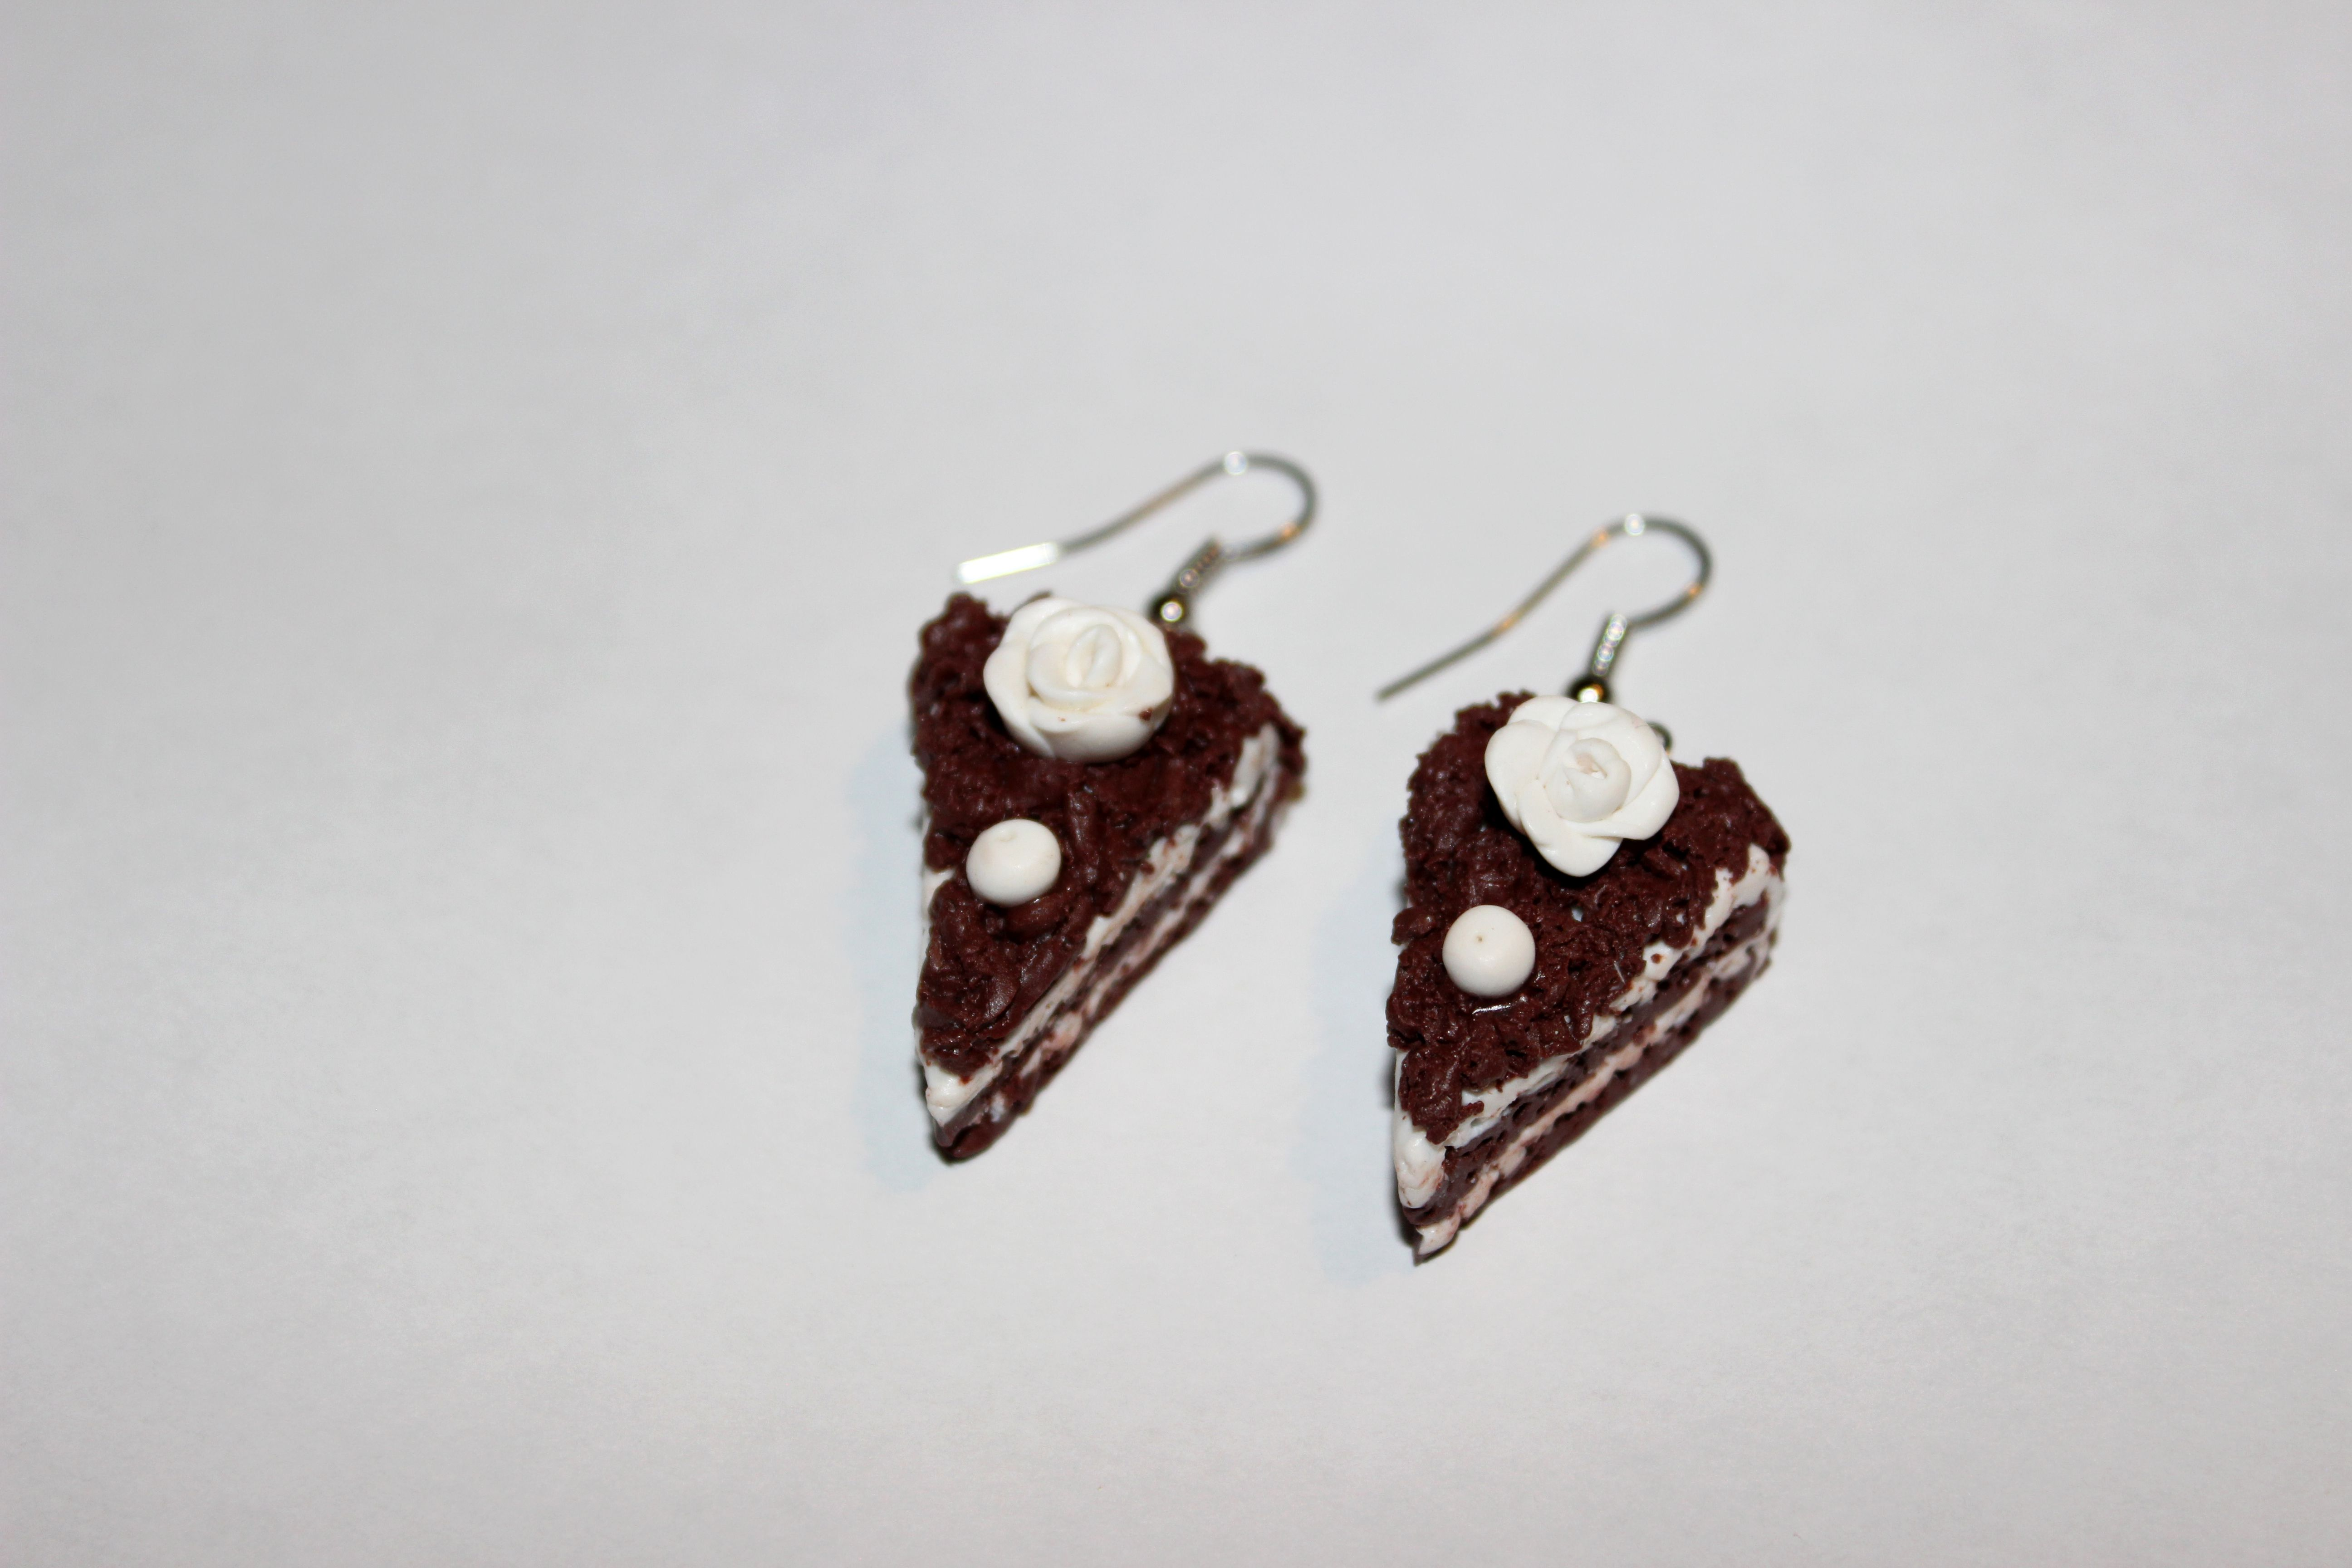 шоколад глина сладкое торт украшения серьги коричневый бижутерия белый